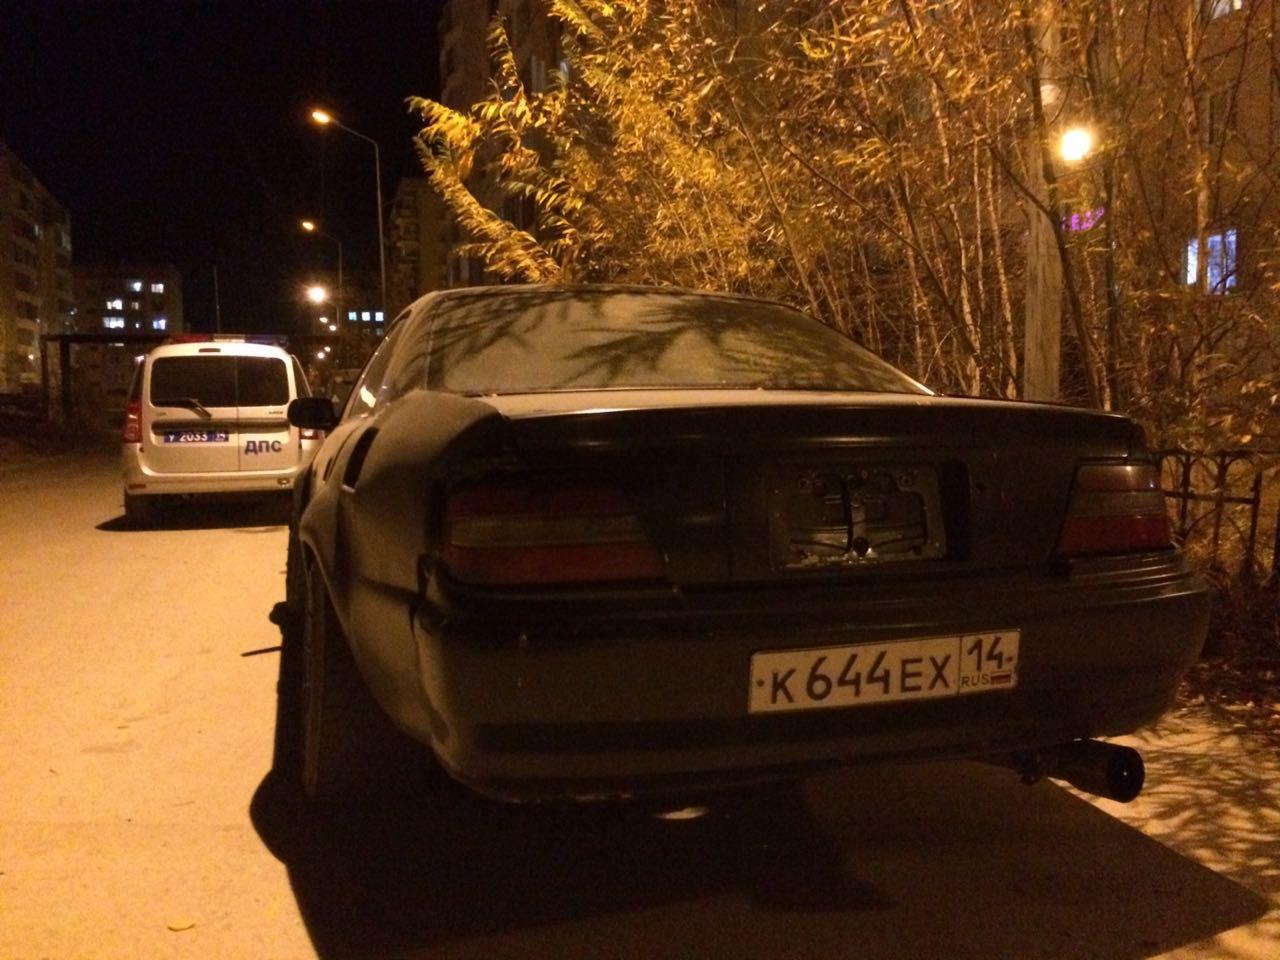 """Лихач на """"тойоте"""", гонявший по ночным улицам Якутска, задержан инспекторами ДПС (ВИДЕО)"""